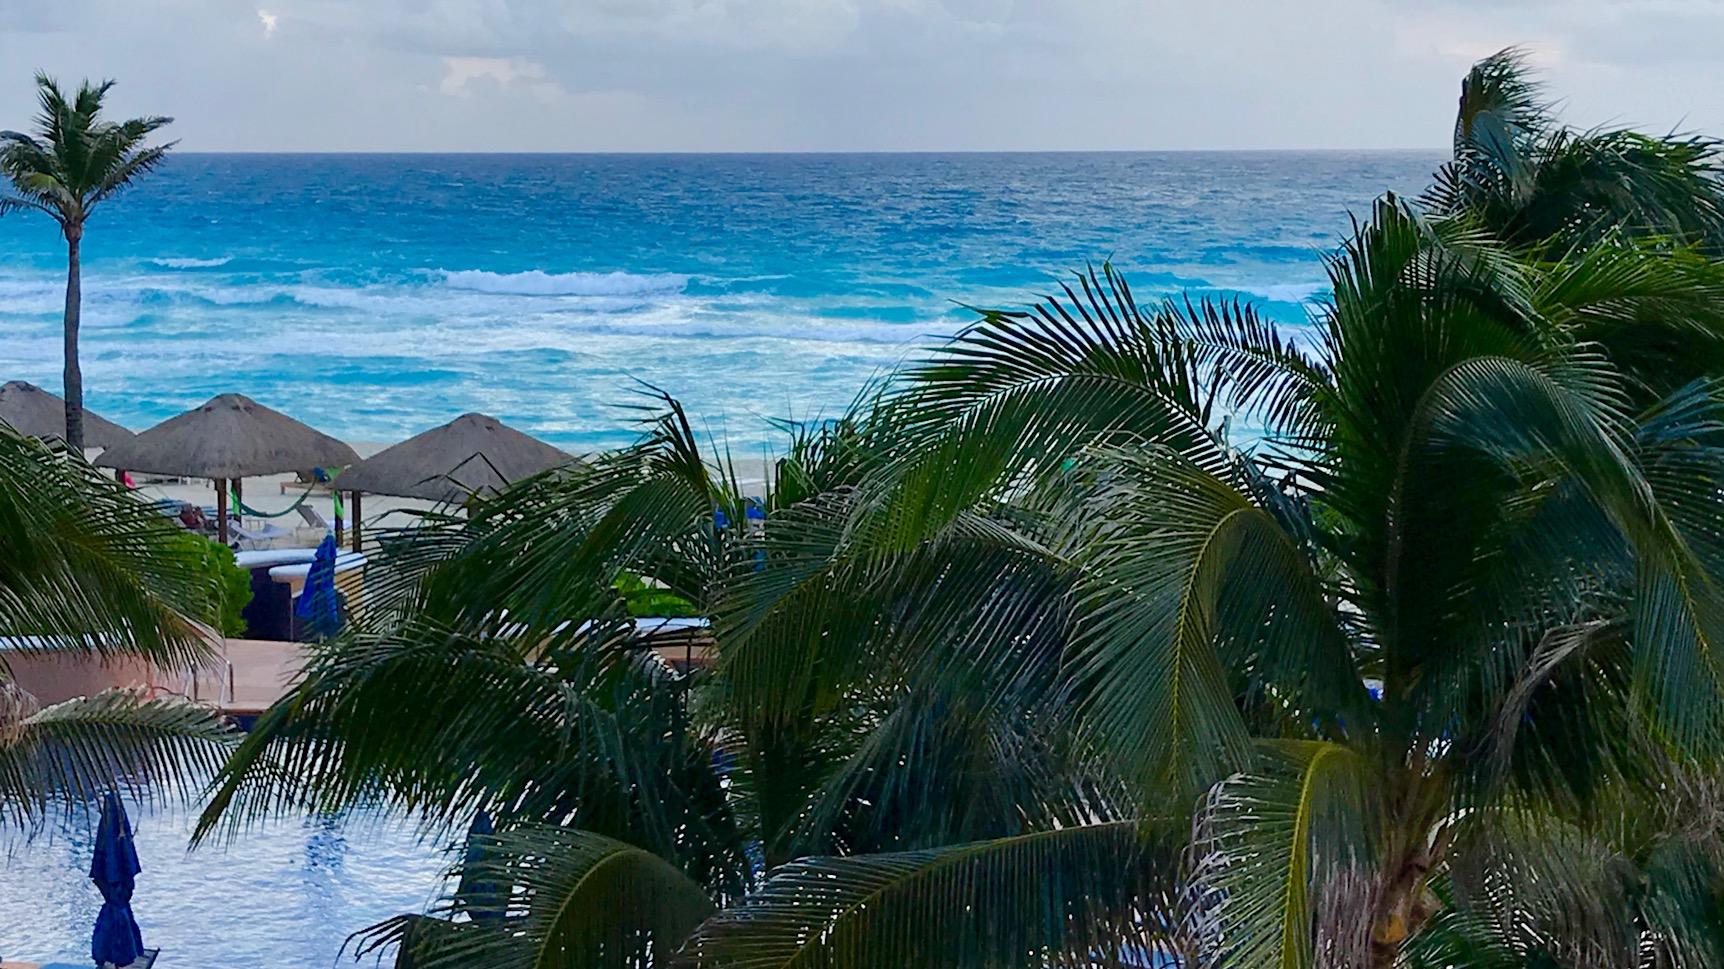 Ritz Hotel Beach in Cancun